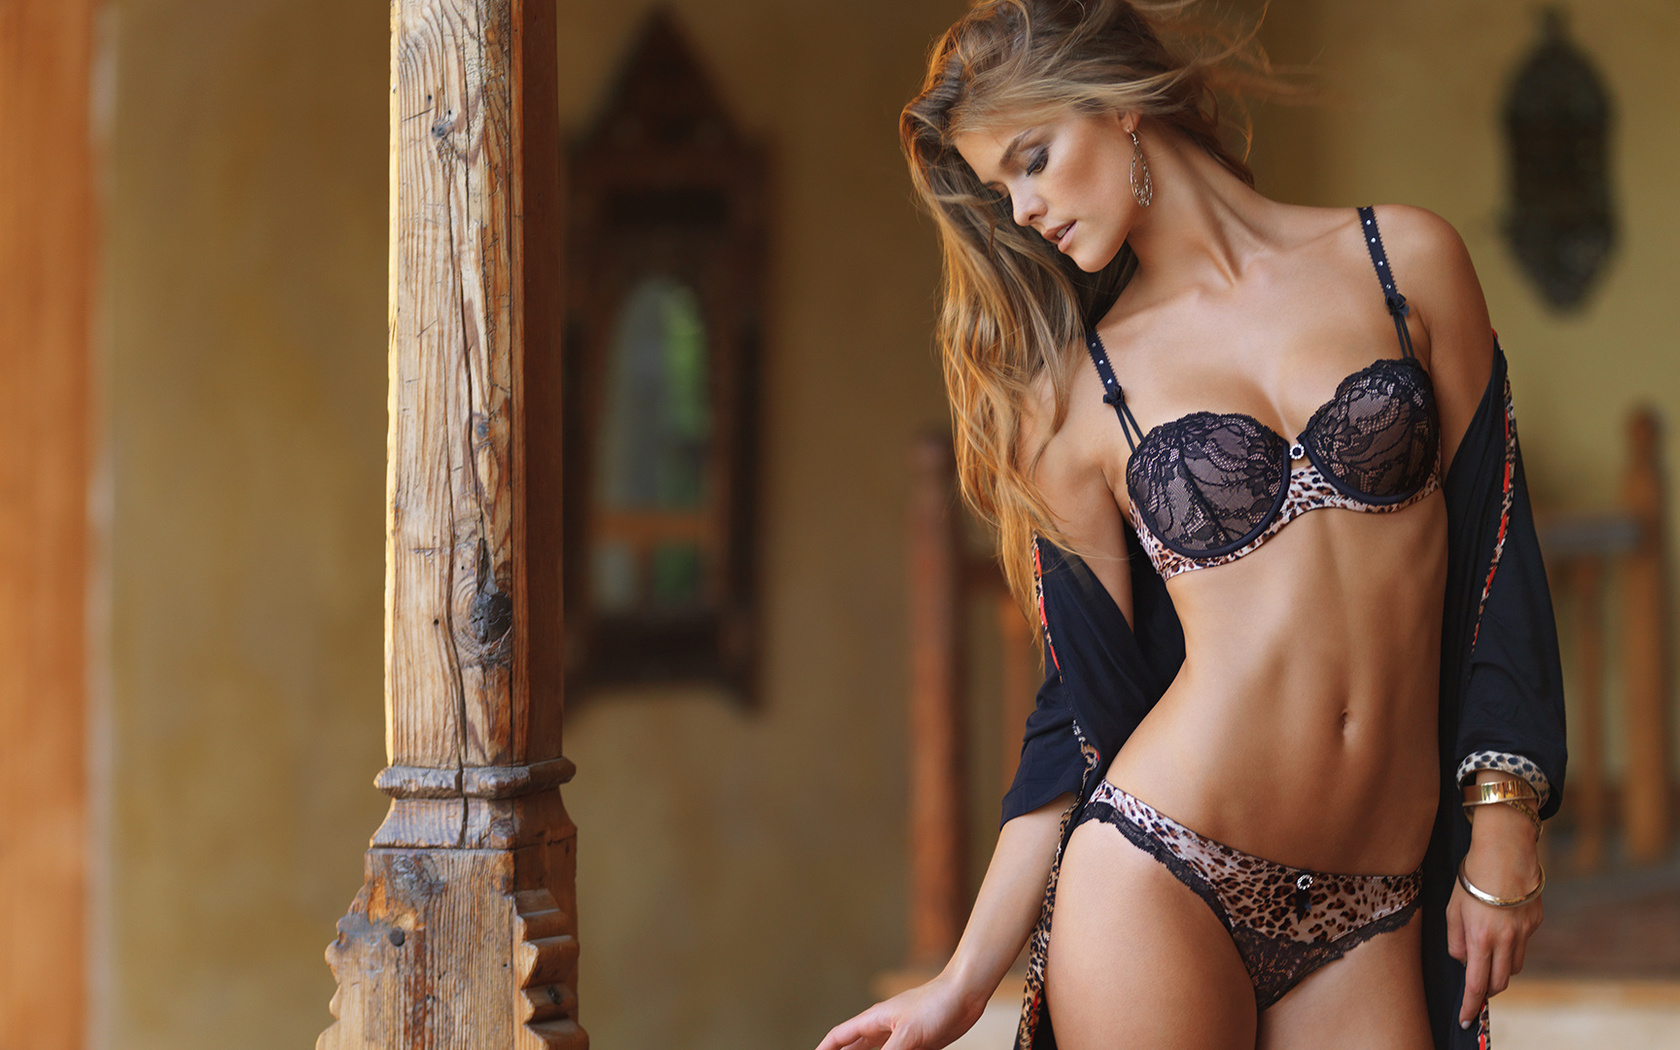 Топ модели в красивом белье крупным планом, домашние порно с очень худой блондинкой